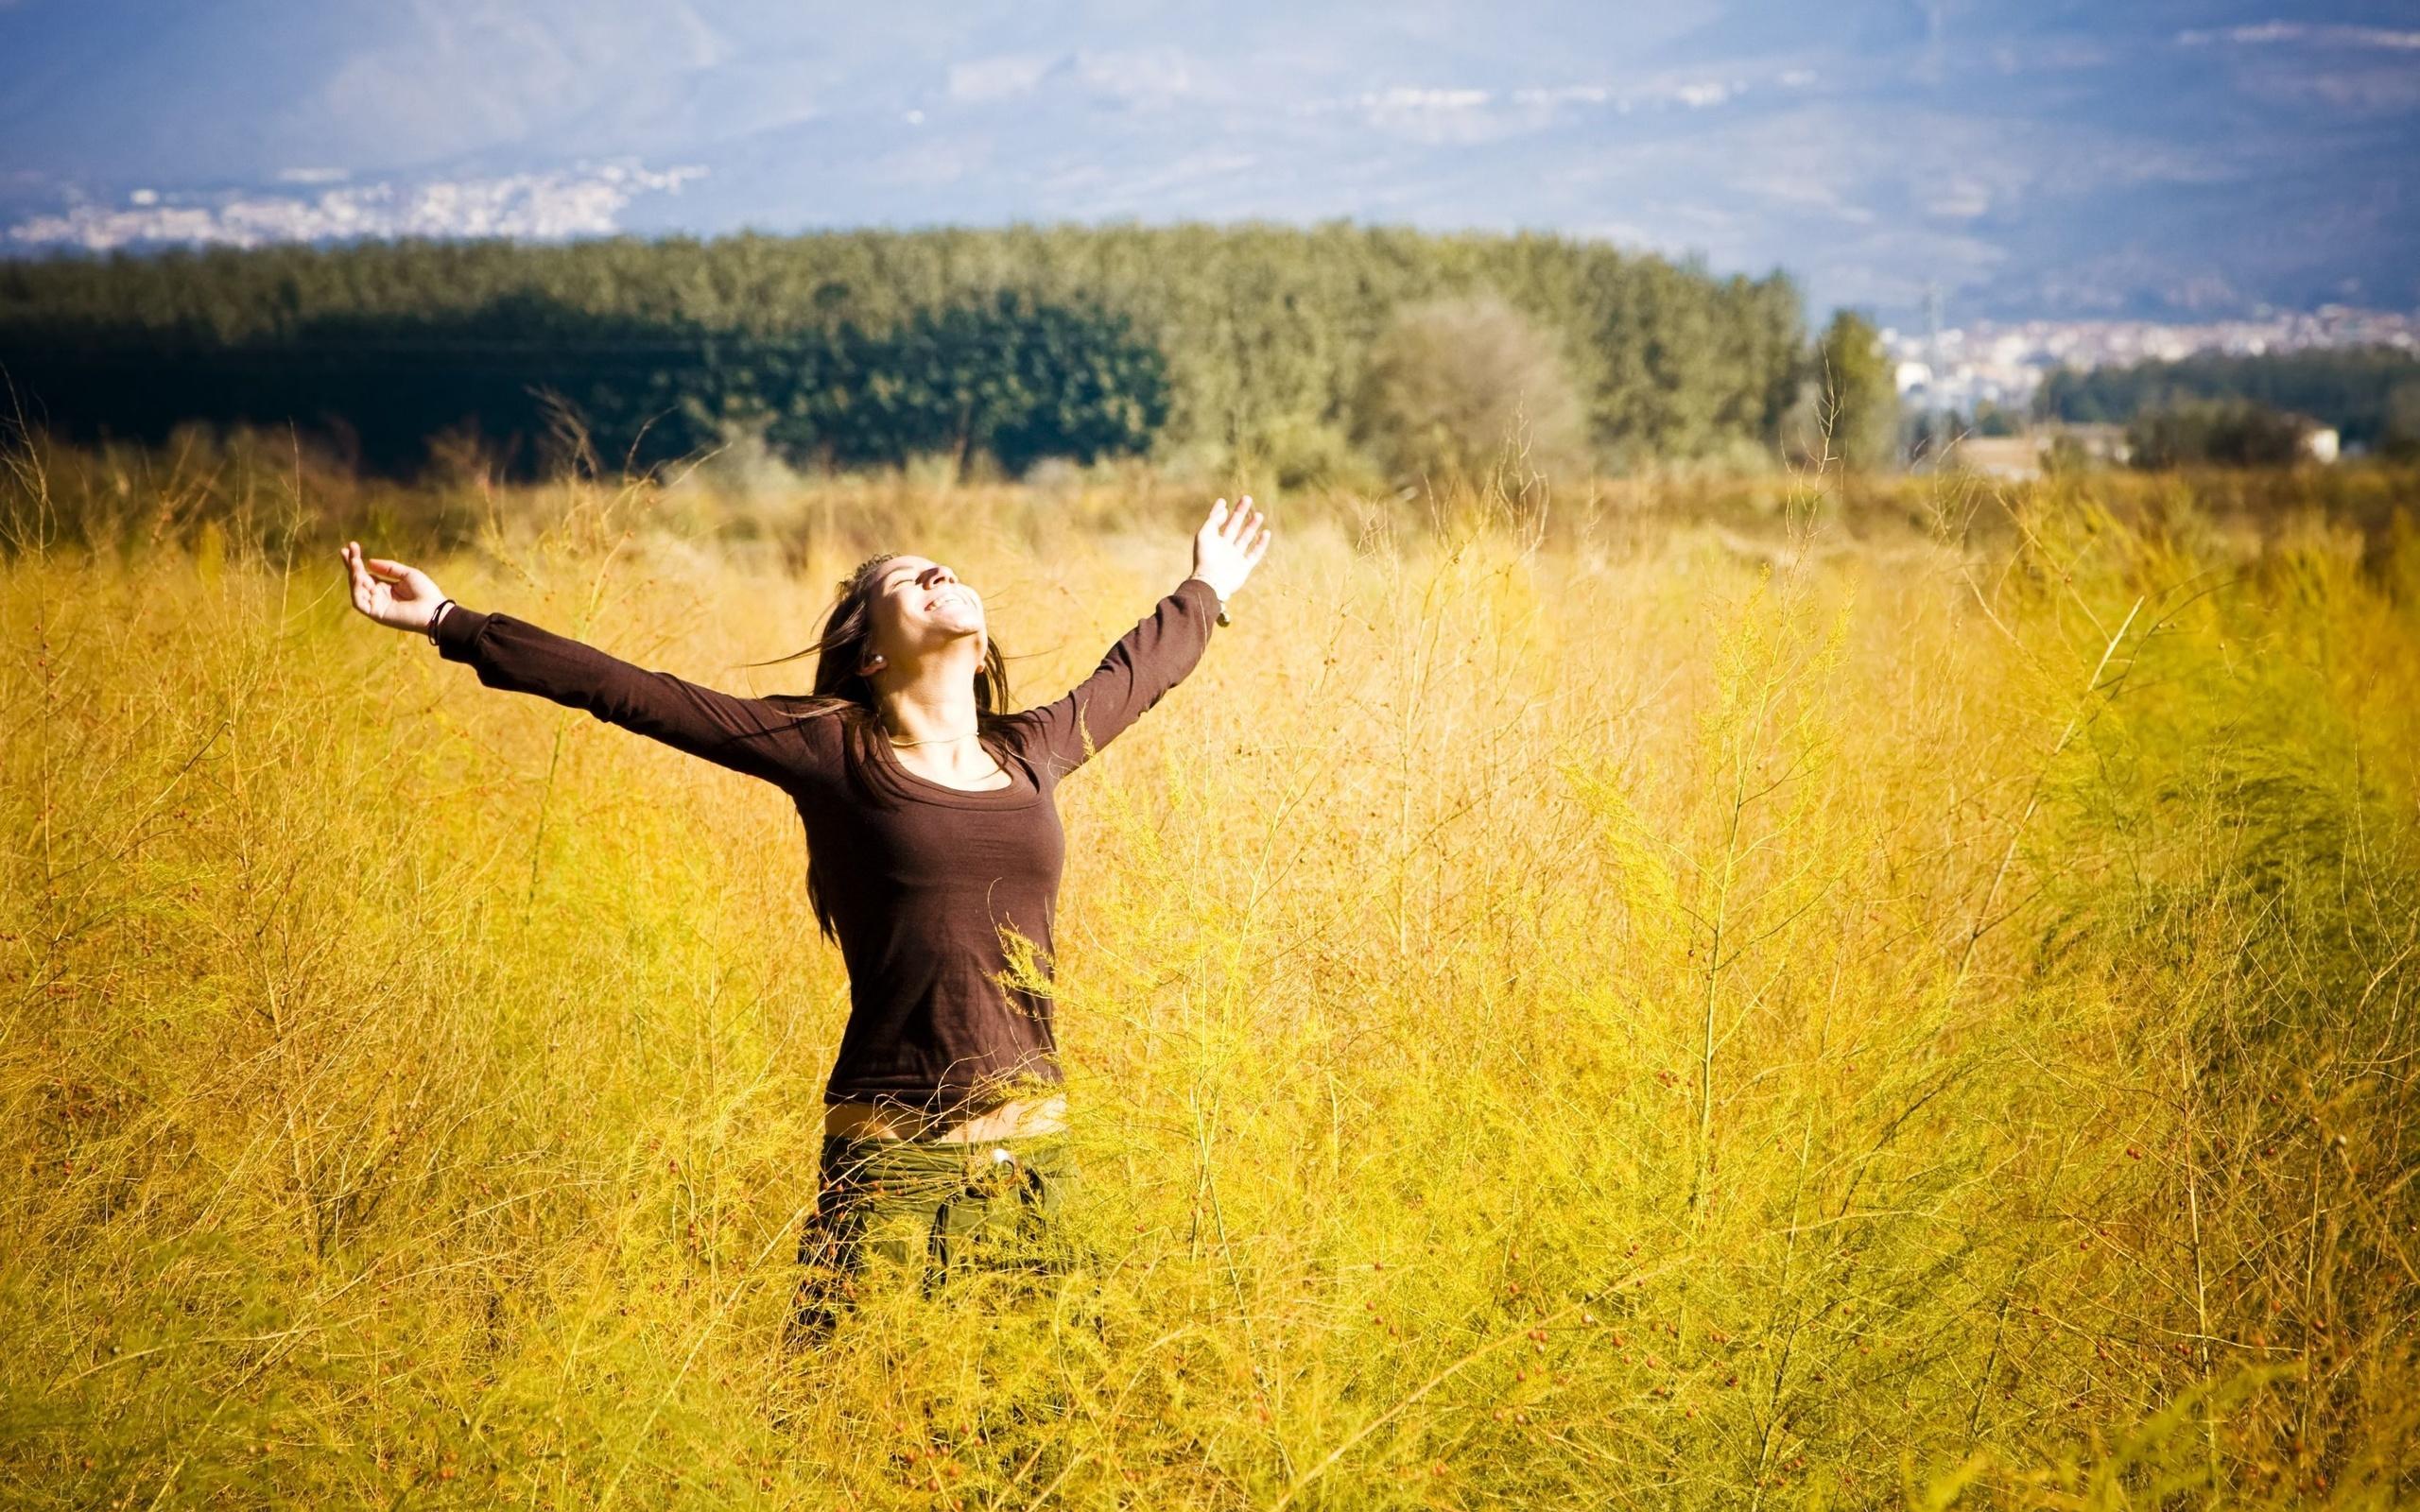 настроения, девушка, женщина, брюнетка, позитив, радость, счастье, свобода, руки, улыбка, растение, цветы